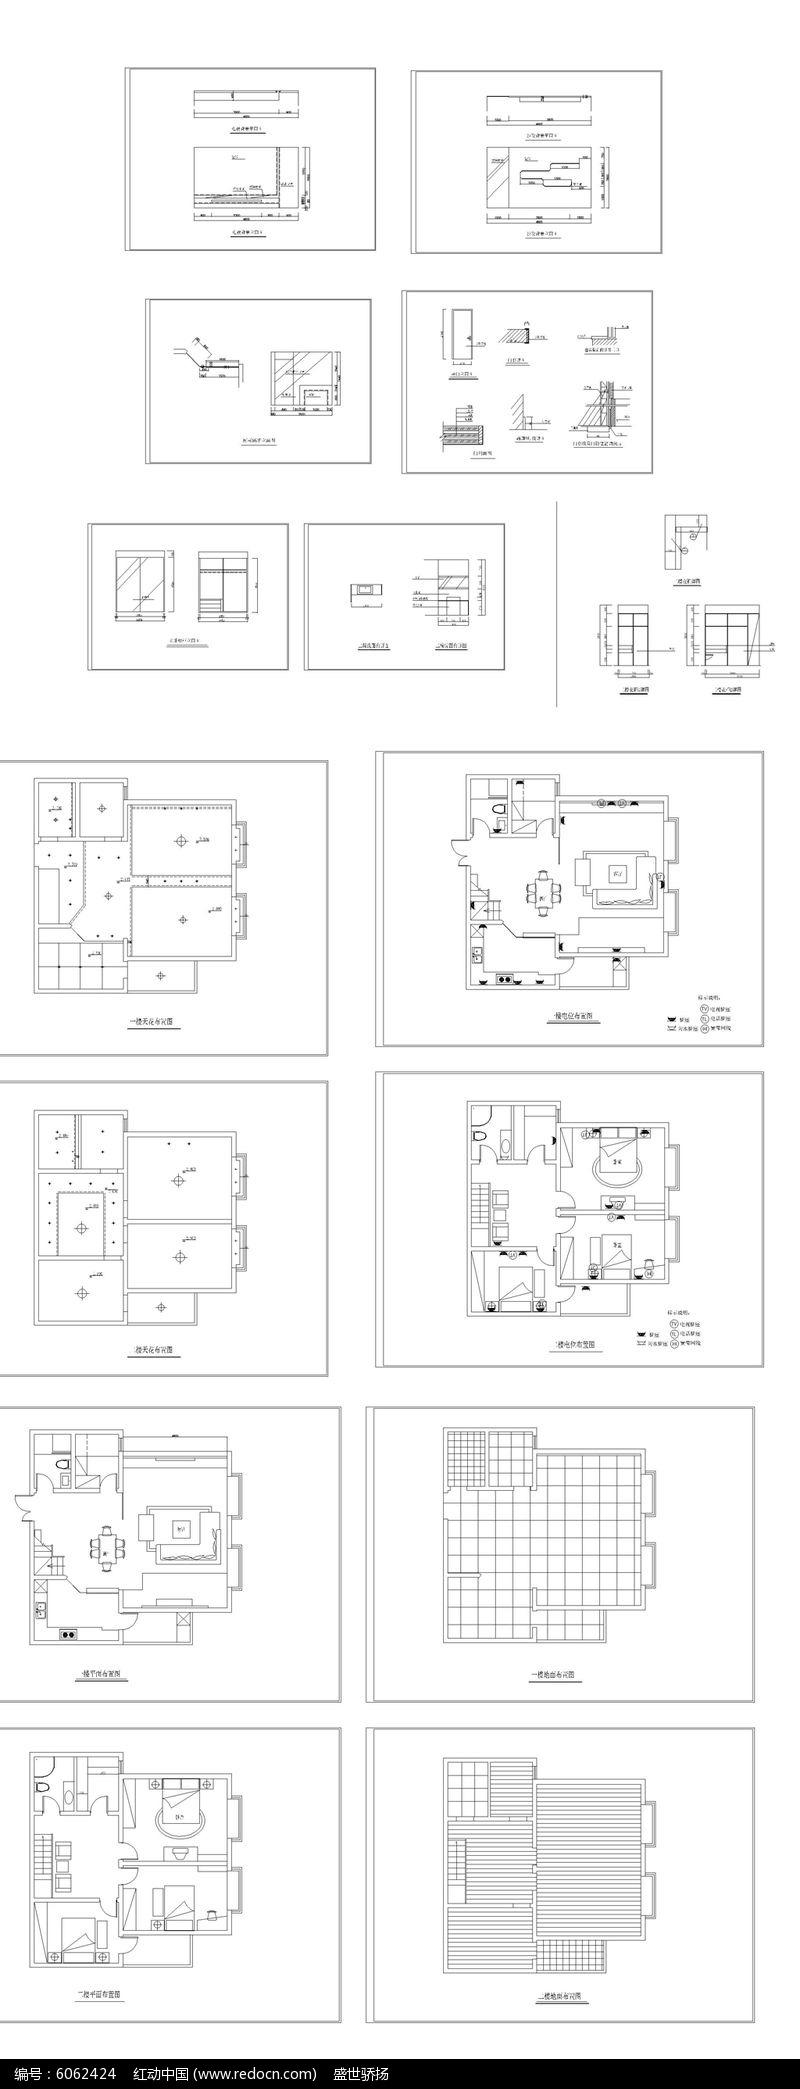 家居装饰设计 施工平面图